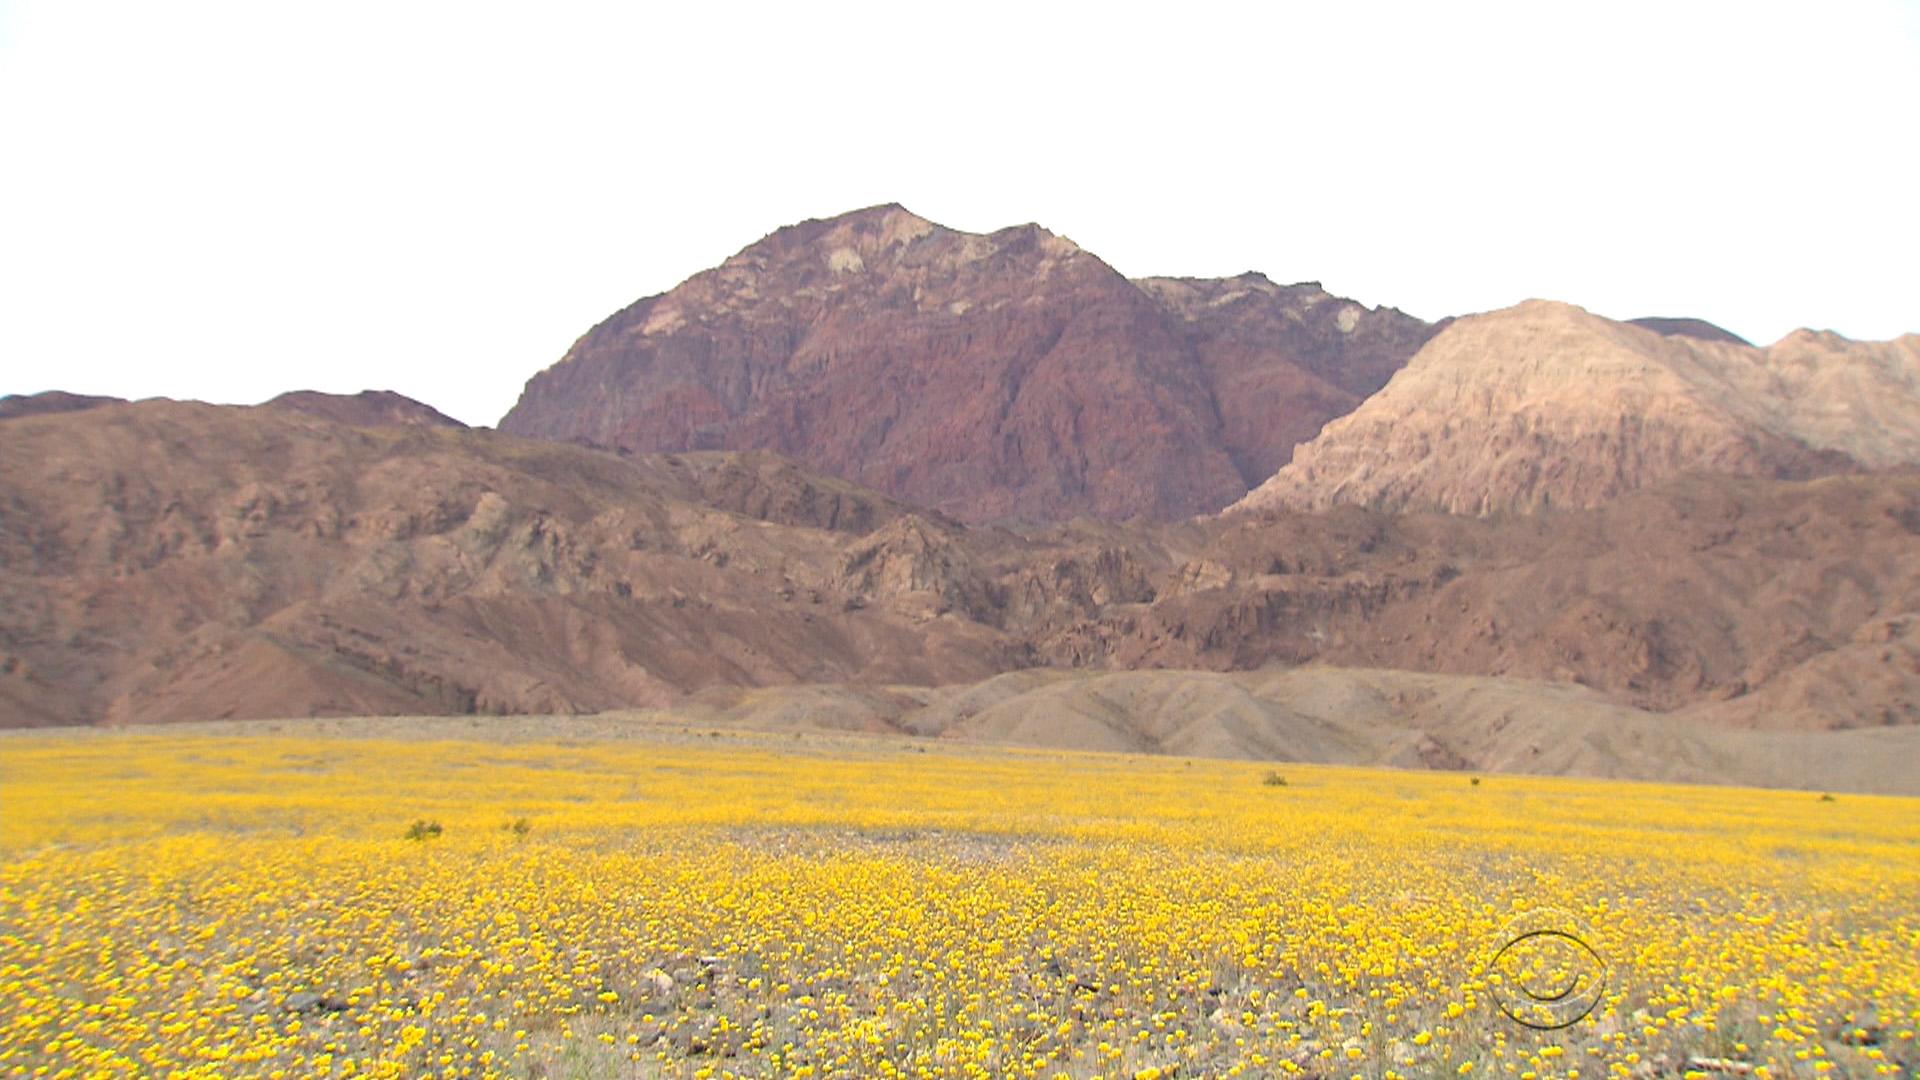 El Nino rains cause rare explosion of color in Death Valley CBS News